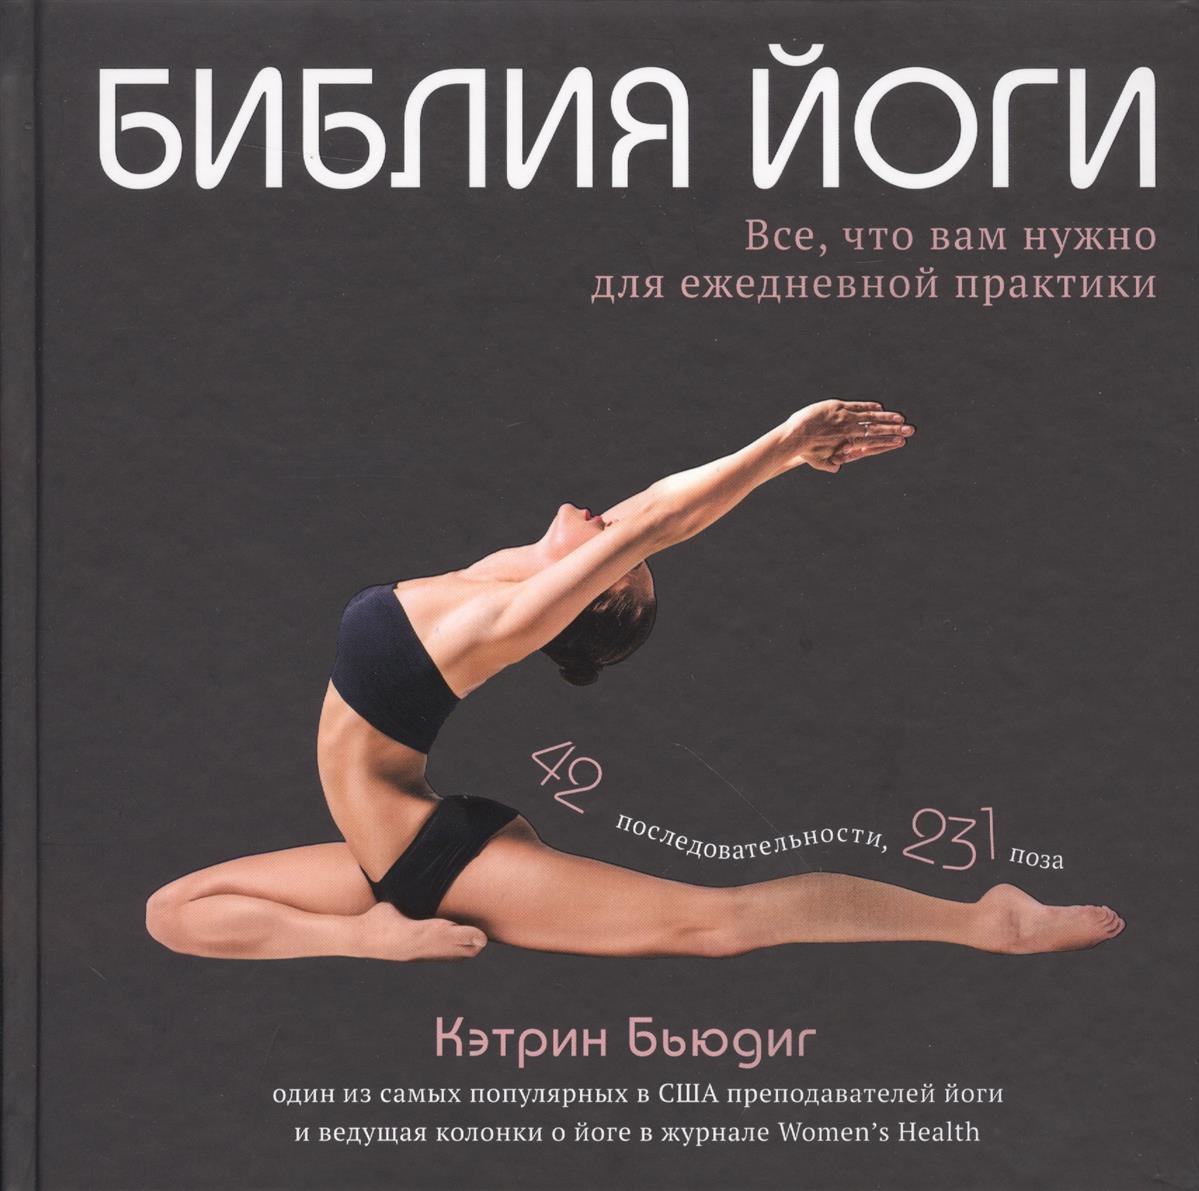 Бьюдиг К.: Библия йоги. Все, что вам нужно для ежедневной практики